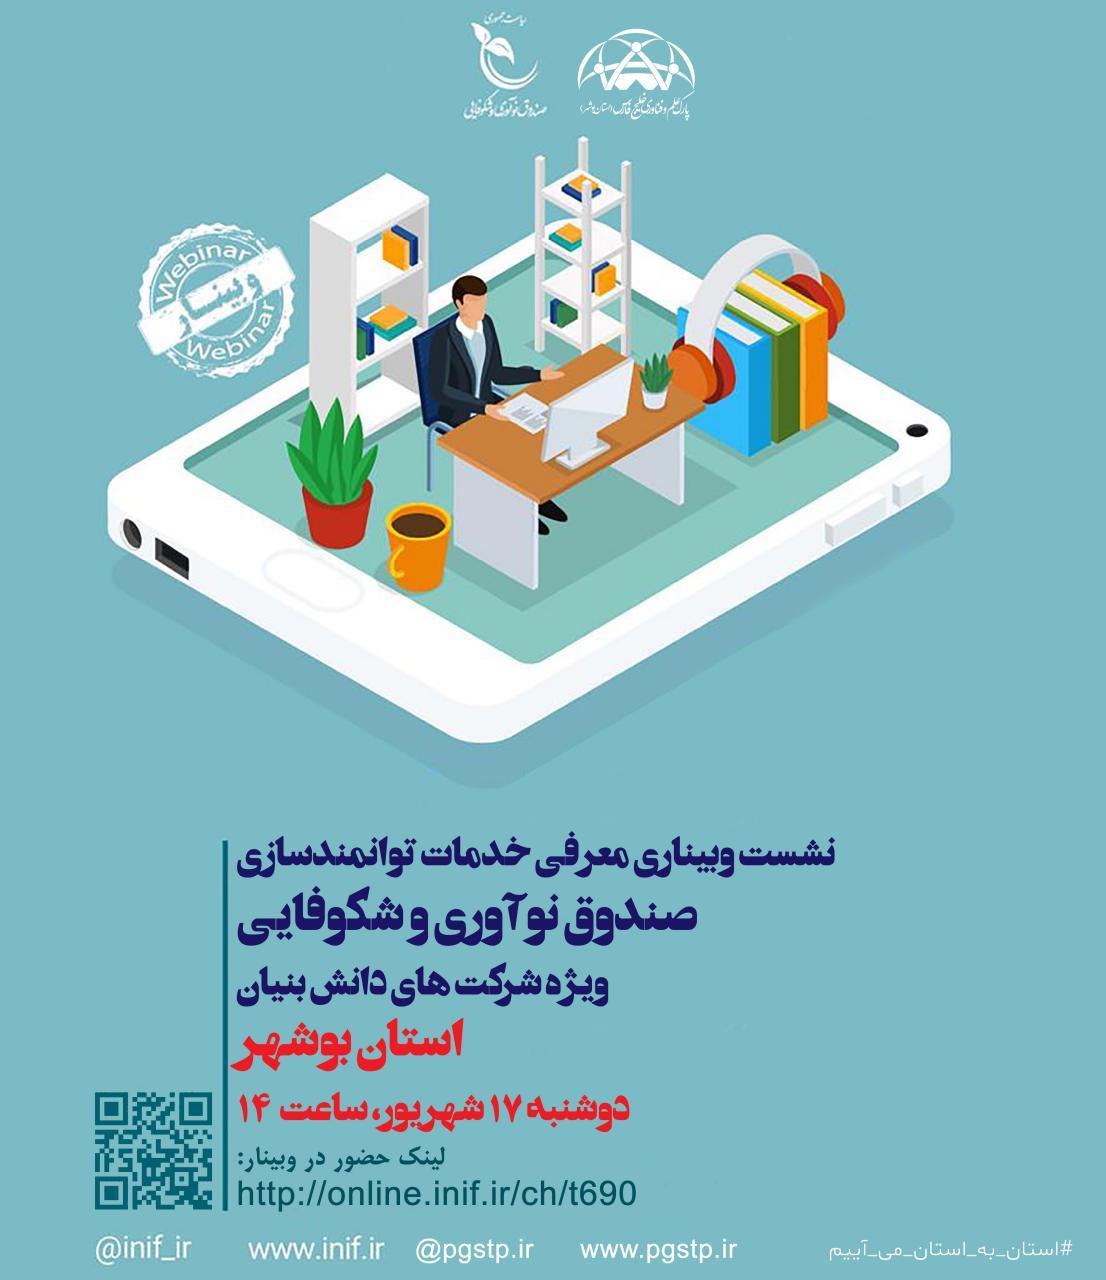 نشست وبیناری معرفی خدمات توانمندسازی صندوق نوآوری و شکوفایی ویژه شرکت های دانش بنیان استان بوشهر